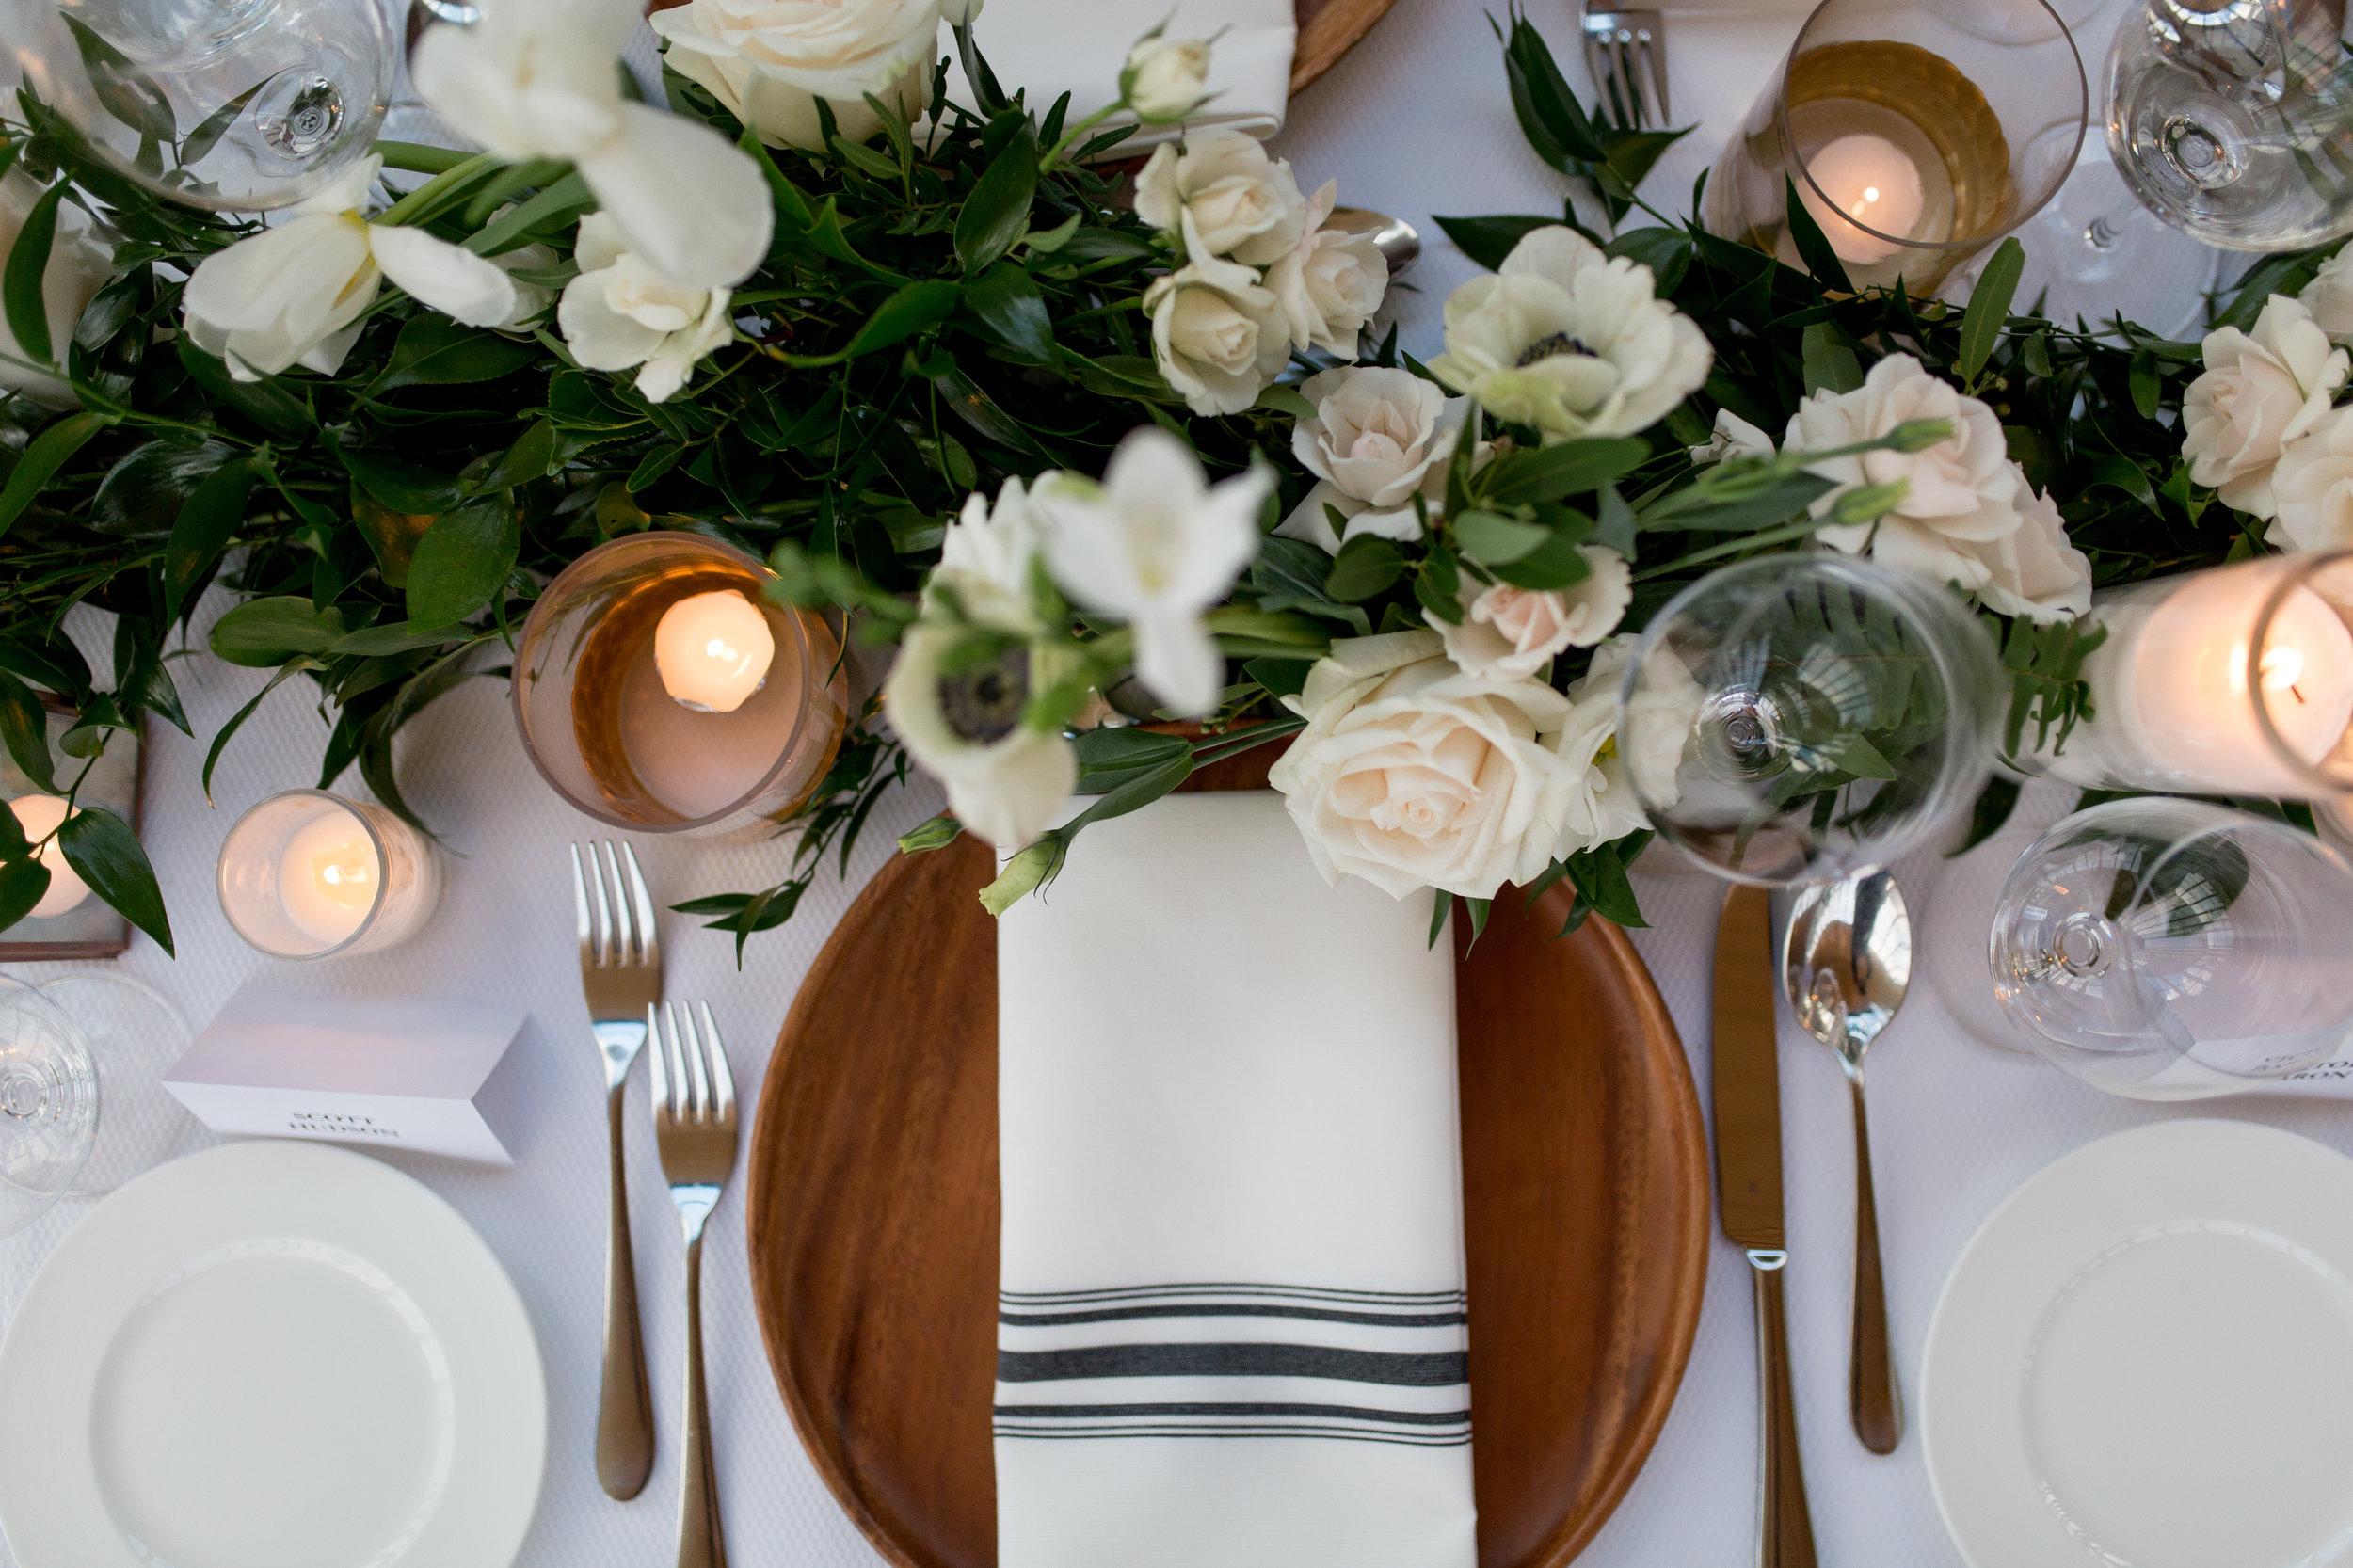 burlington-oakville-wedding-decor-kj-and-co-planner-9.jpg